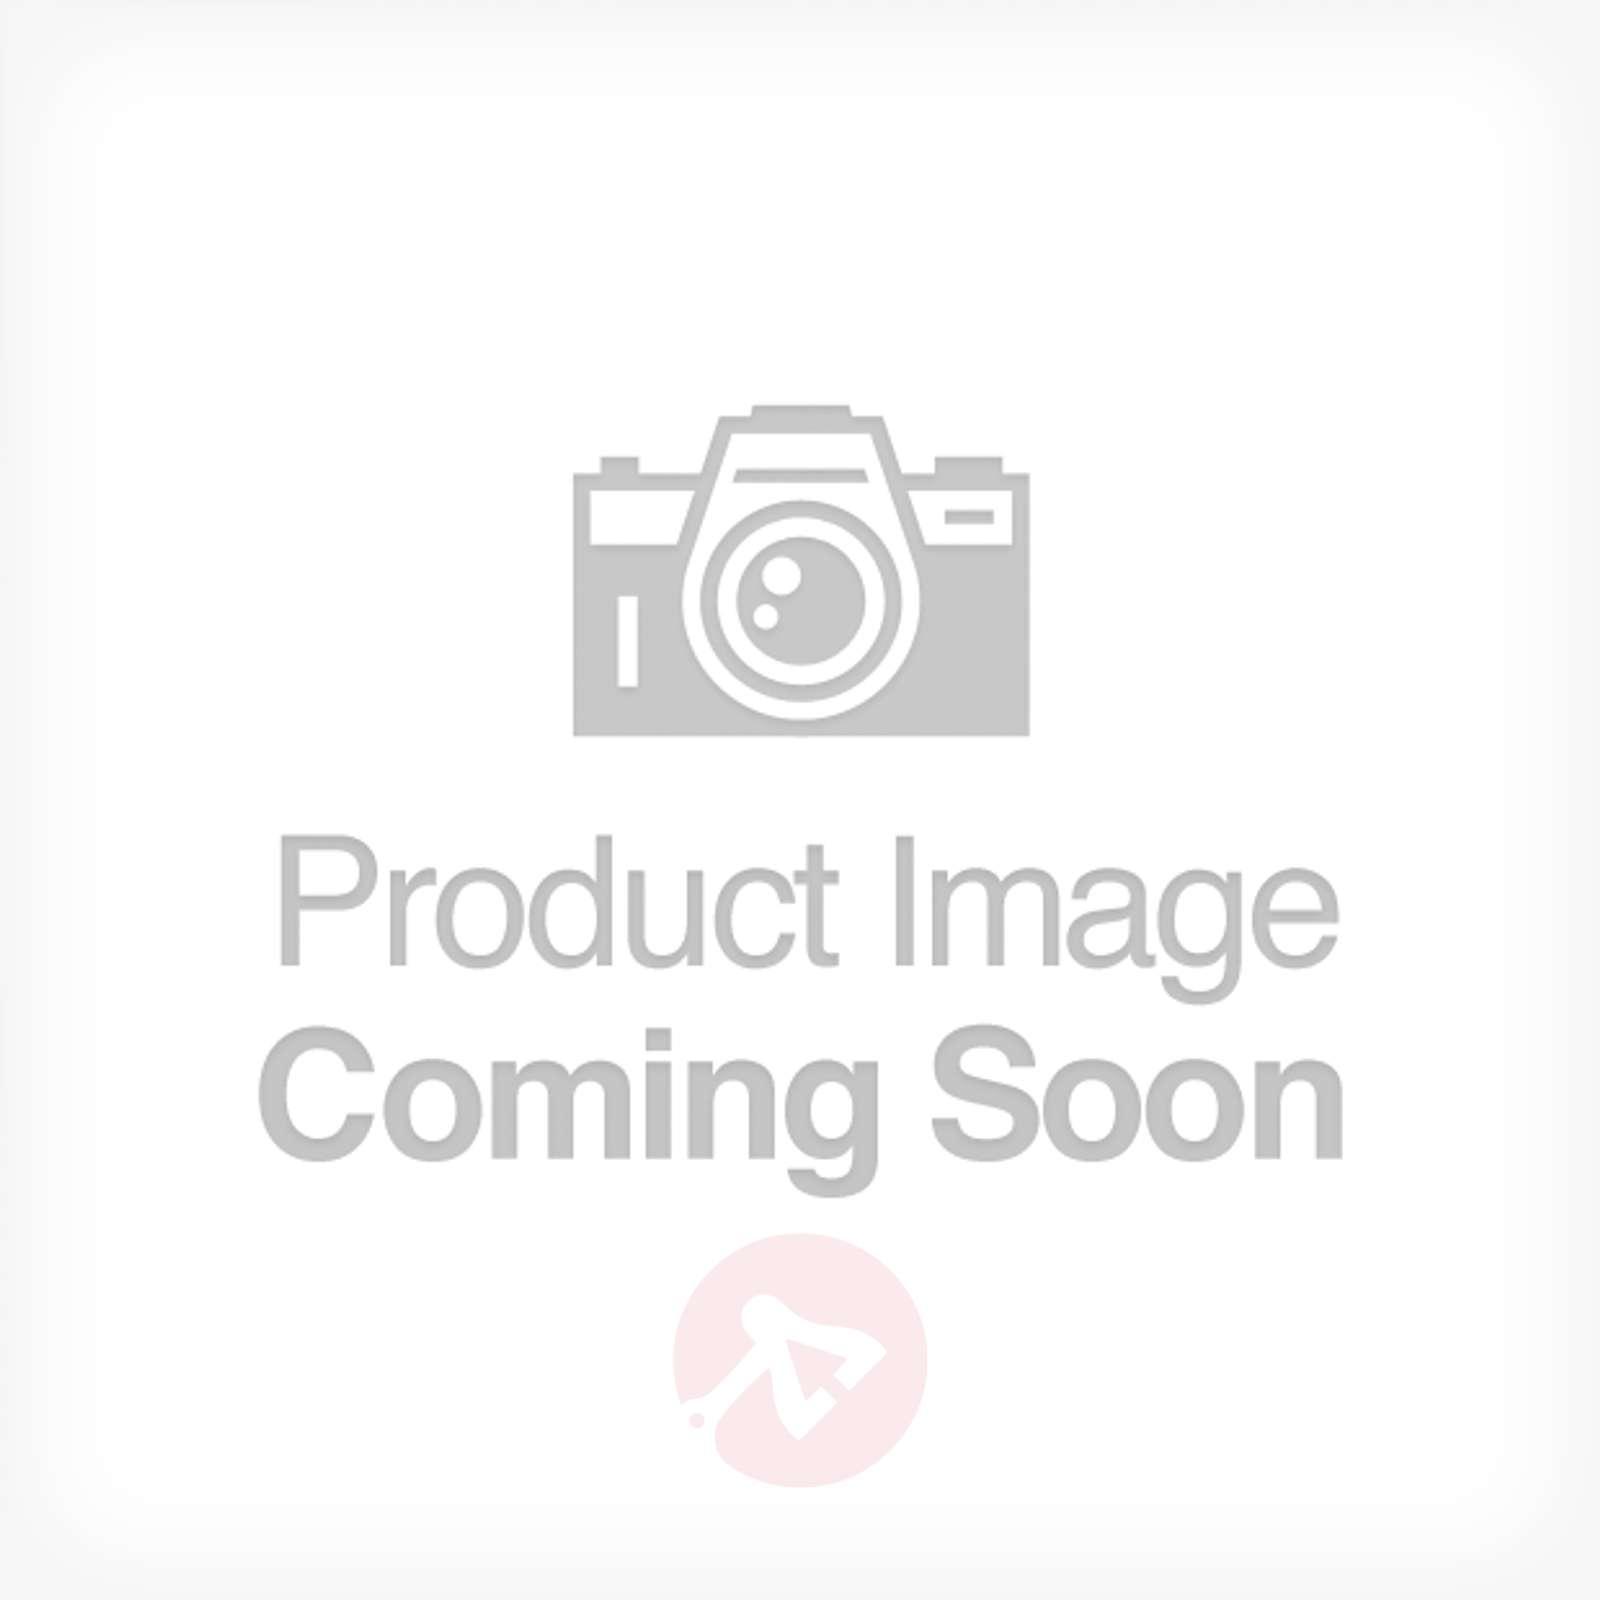 Erikoinen Filetta-riippuvalaisin, valkoinen-3031539-01